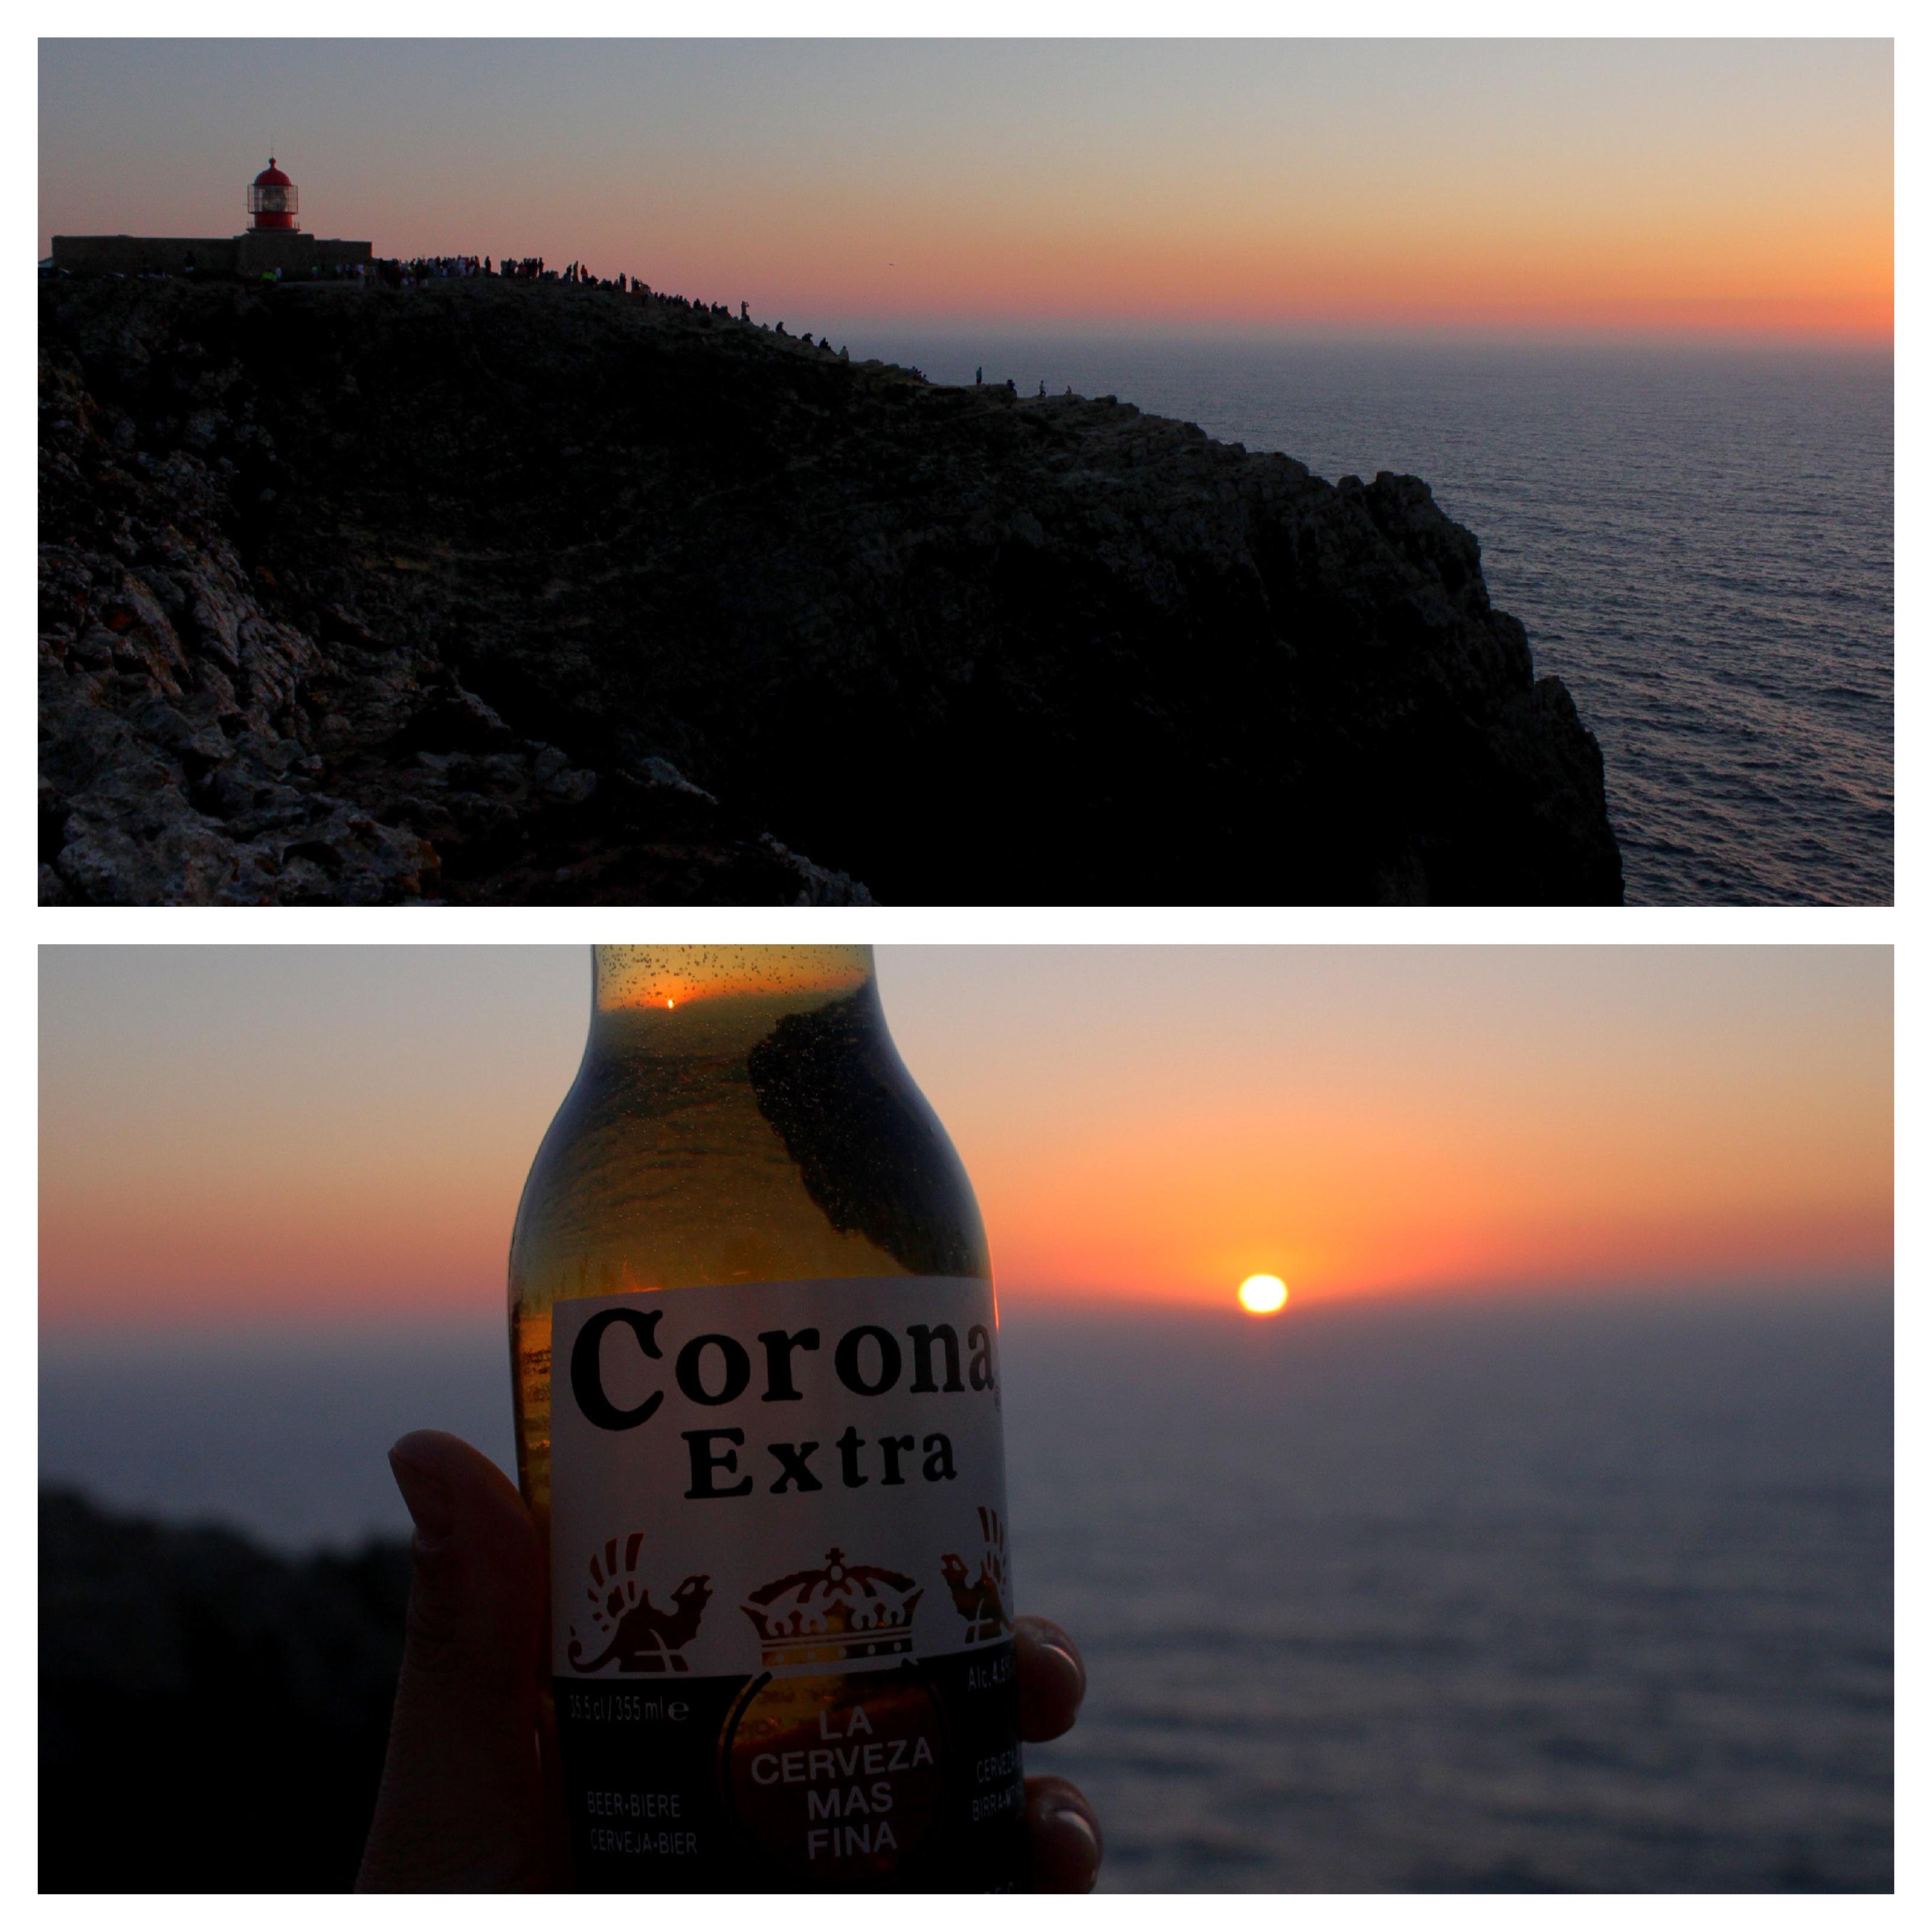 Un tramonto, una birra, gli amici a Cabo de Sao Vicente